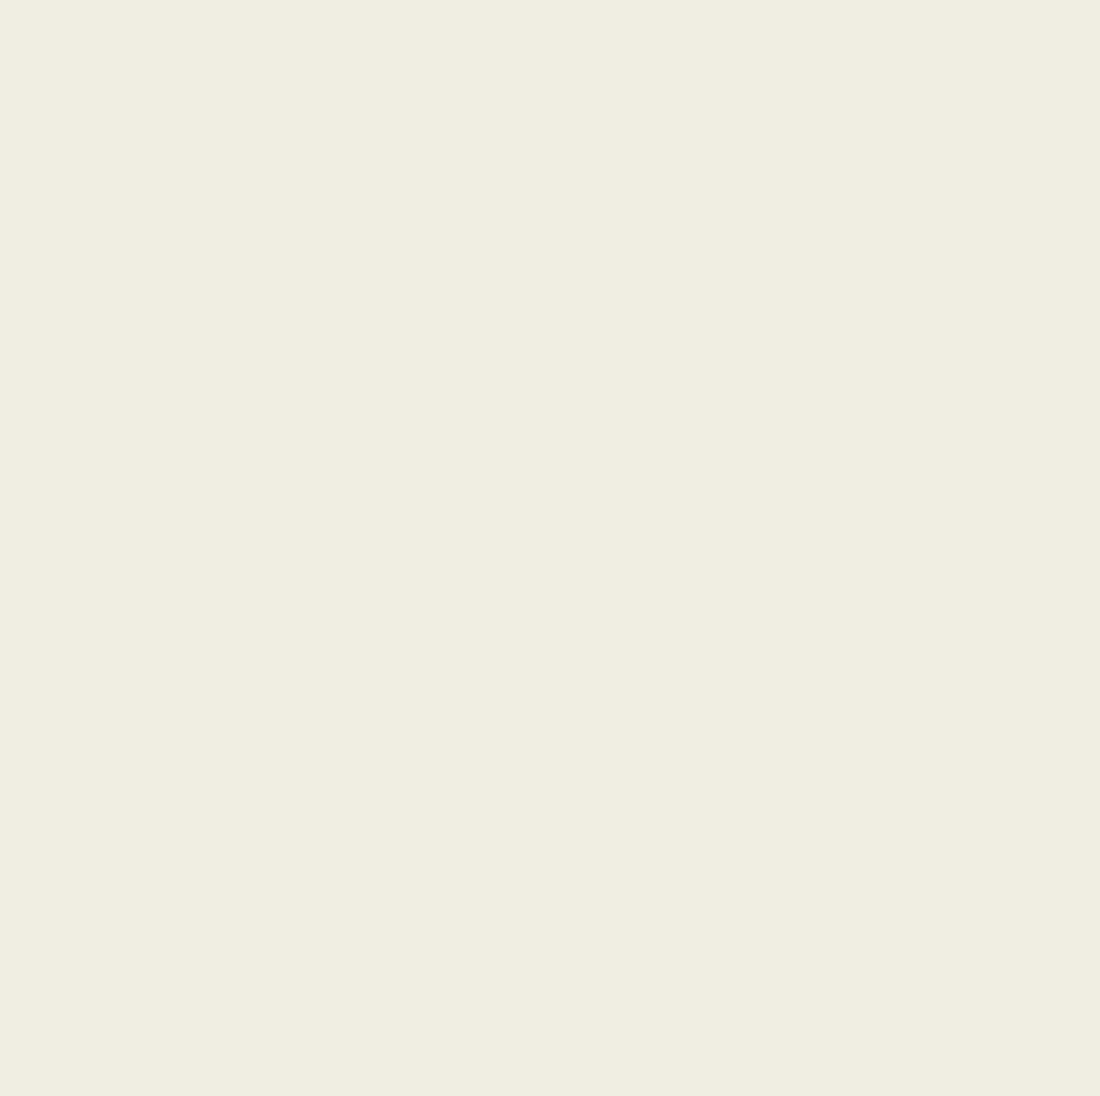 Farbton der Mai-Tech Holzlasur: Weiss